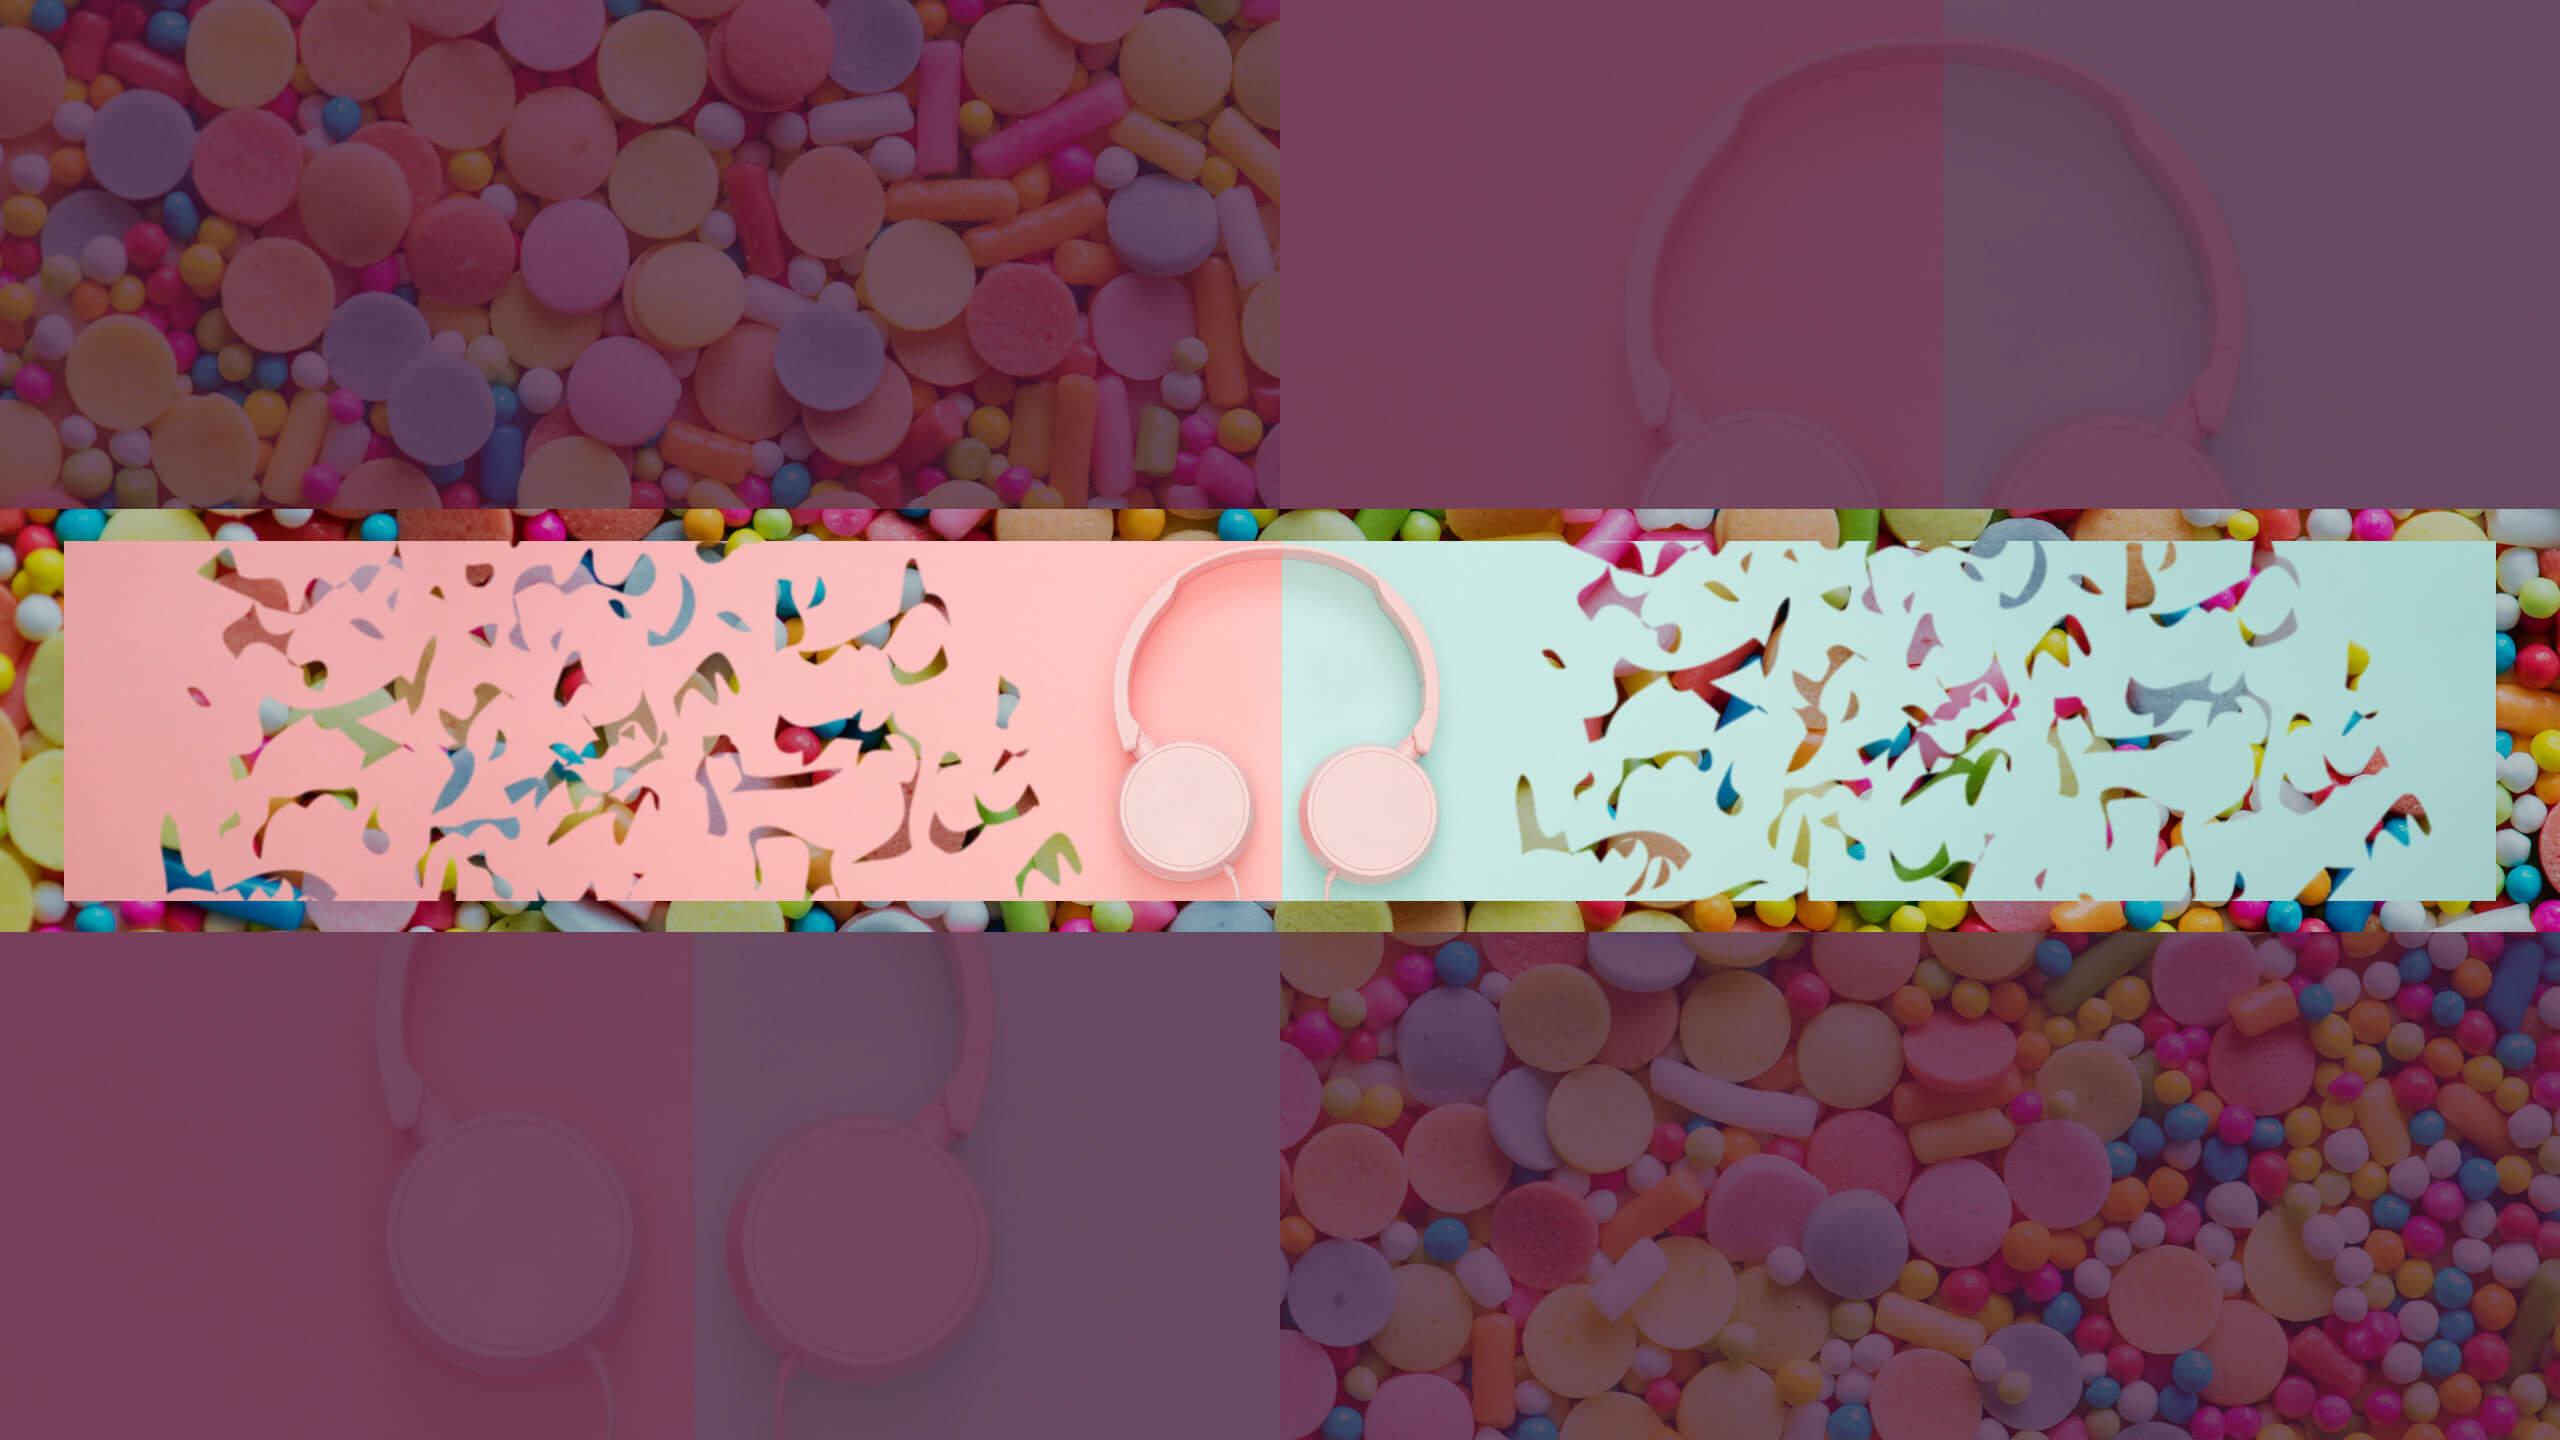 Картика с наушниками для плеера розового цвета.